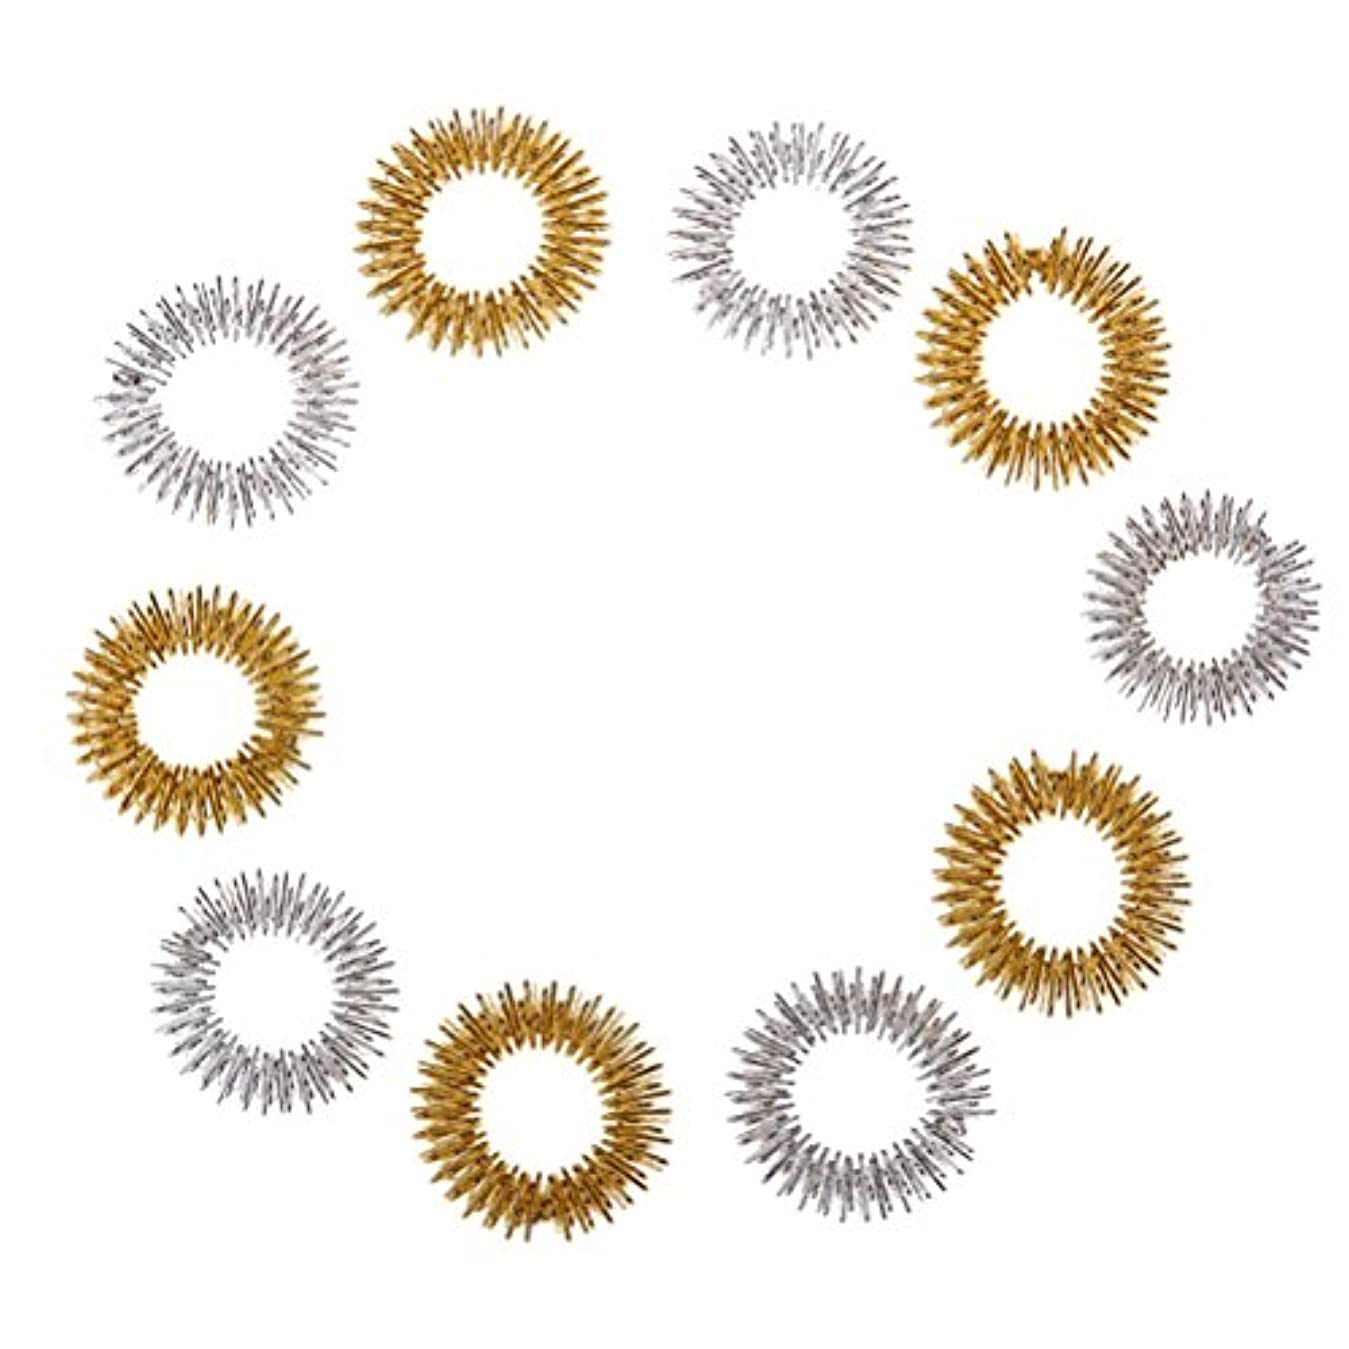 シャットスーダンランドマークHealifty 10個指圧マッサージリング子供のための指の循環リング十代の若者たちの大人(ランダムカラー)